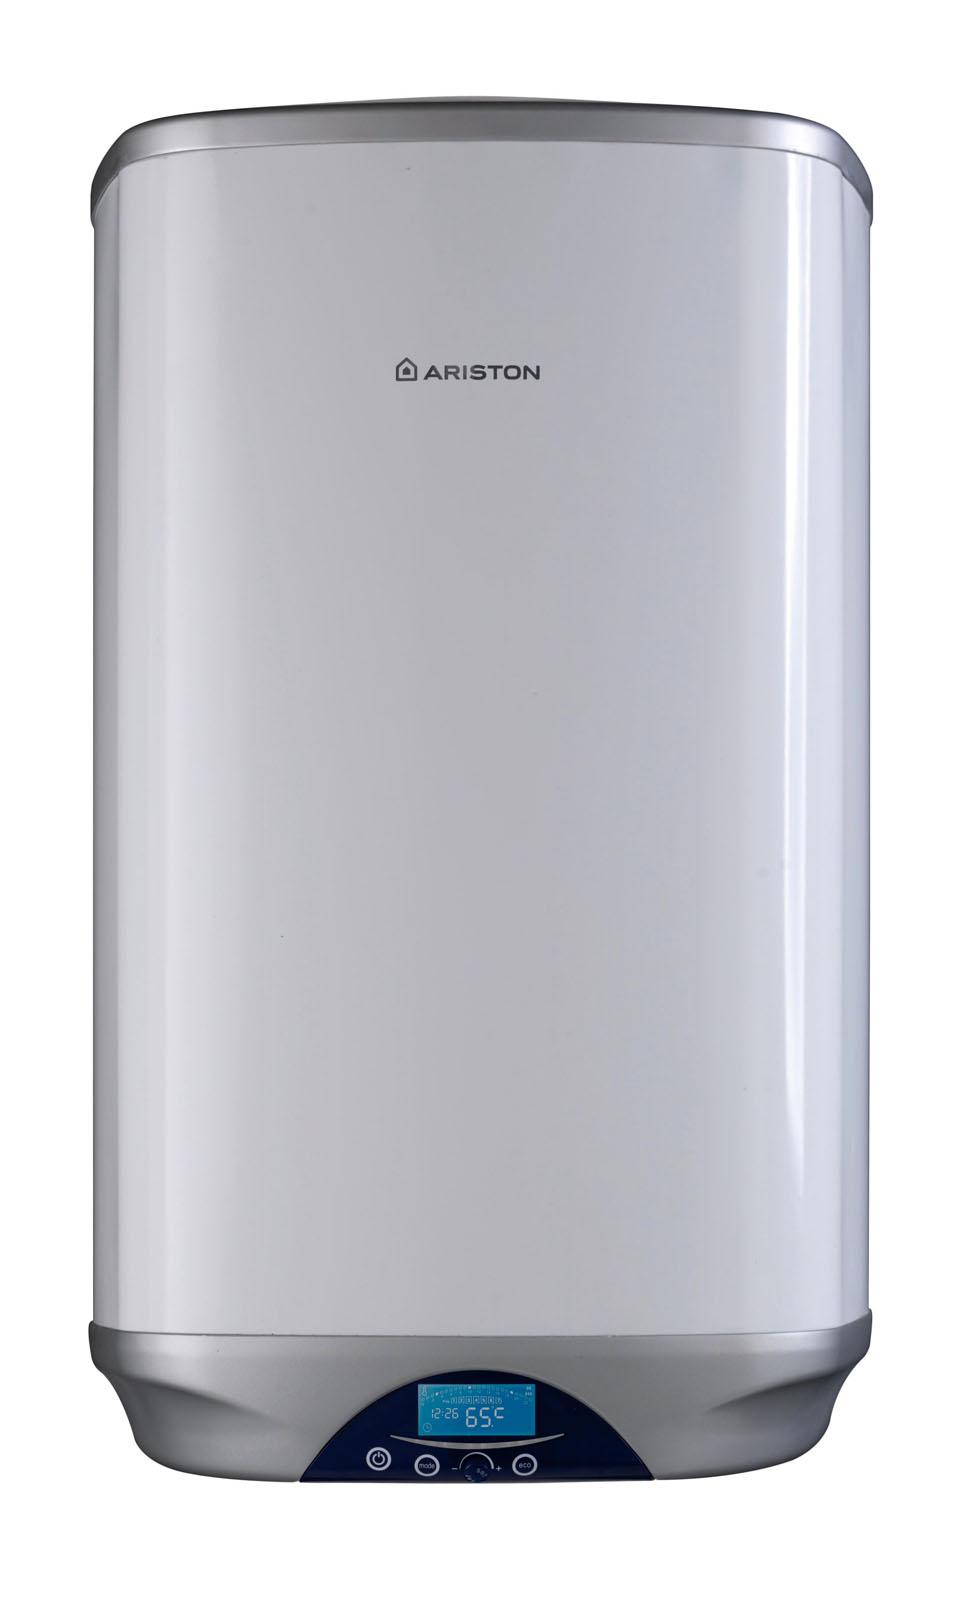 ariston 80 liter premium warmwasser speicher elektro boiler hei wa erspeicher ebay. Black Bedroom Furniture Sets. Home Design Ideas